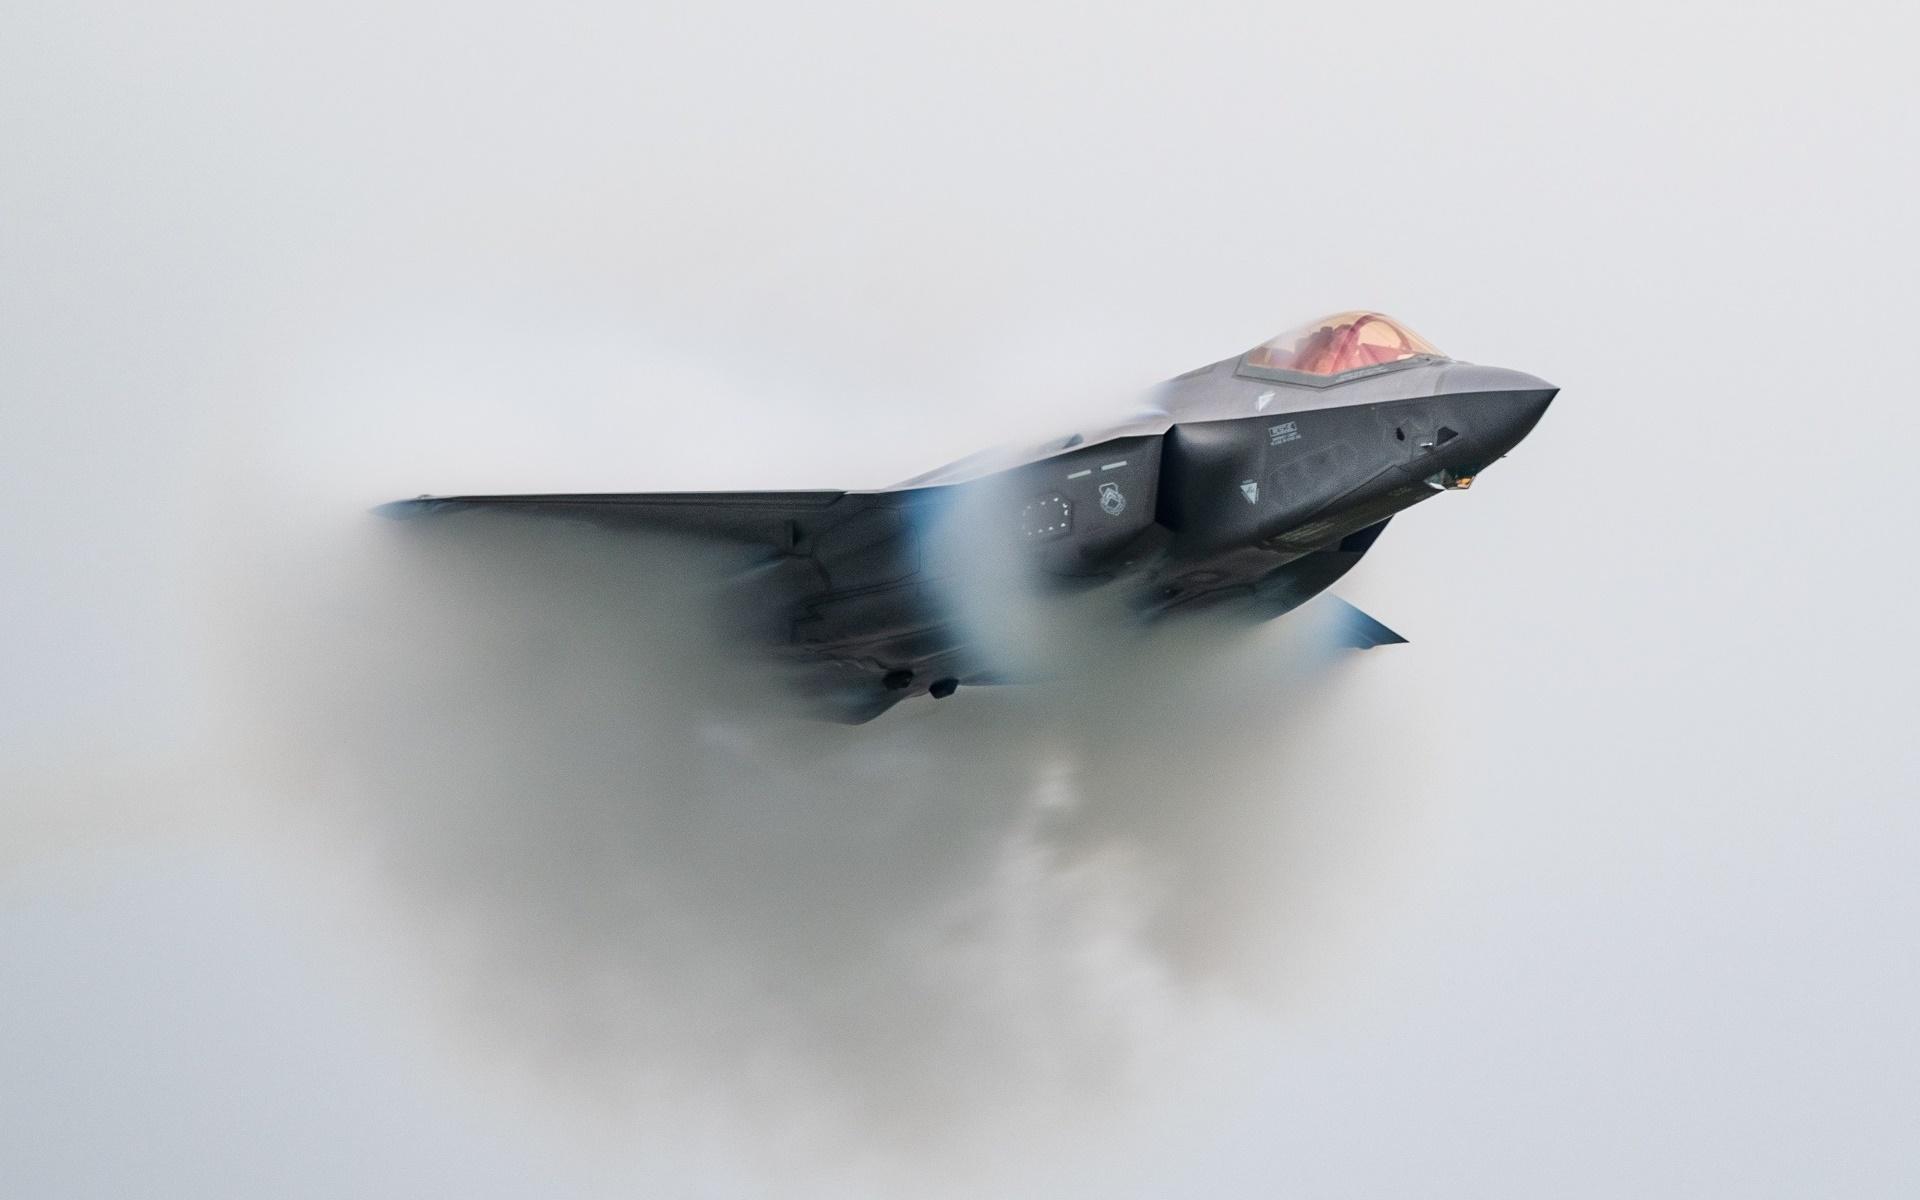 Обои «лайтнинг» ii, F-35, Lockheed, Самолёт. Авиация foto 12